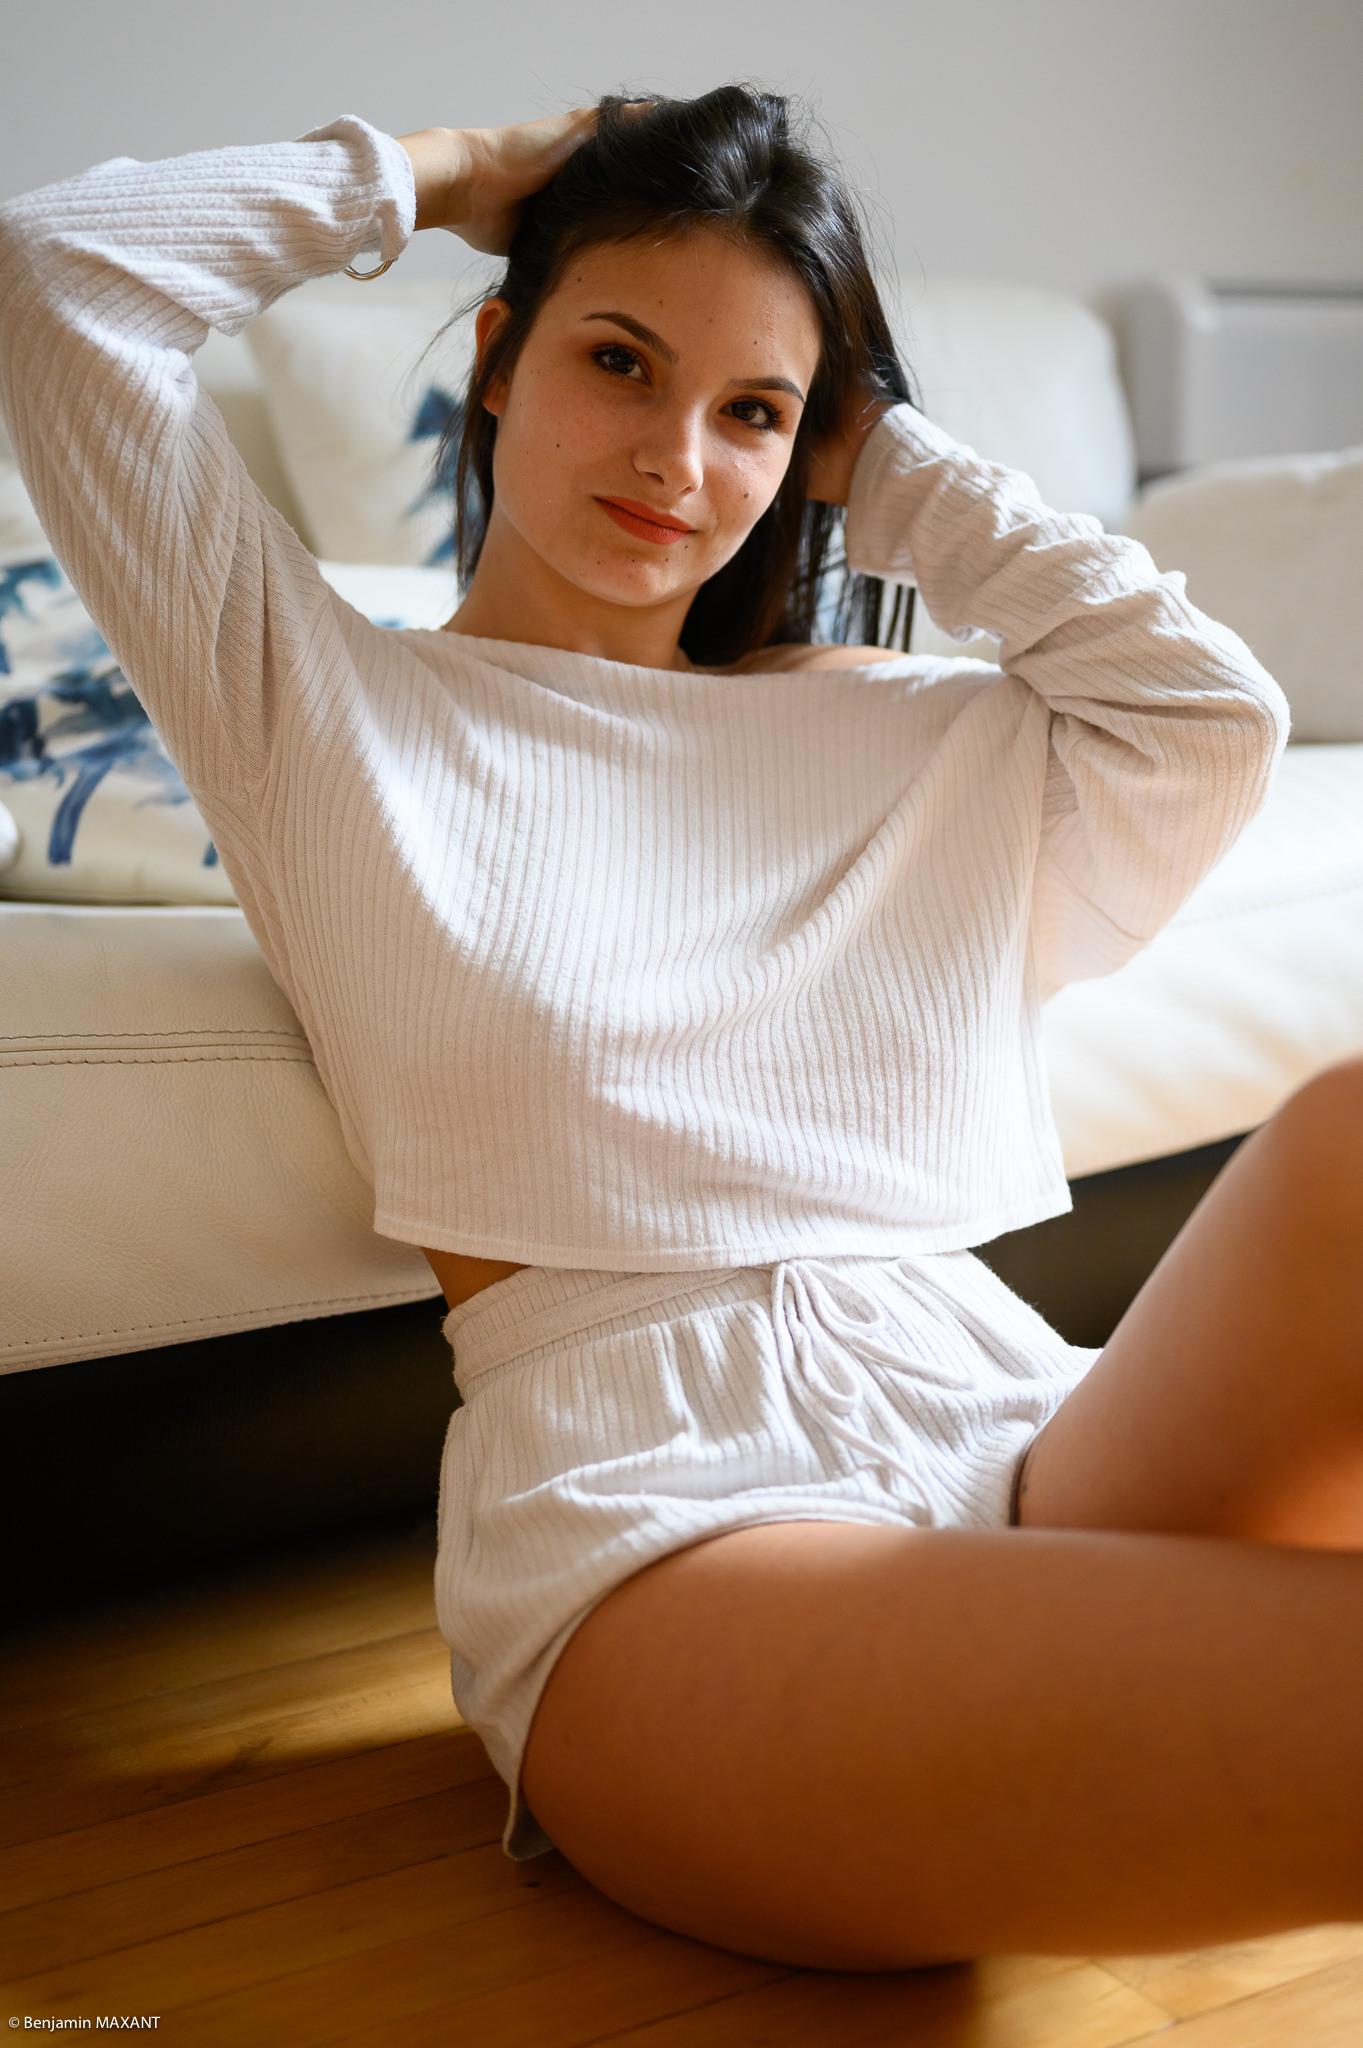 Séance photo boudoir ensemble blanc souple assise contre le canapé